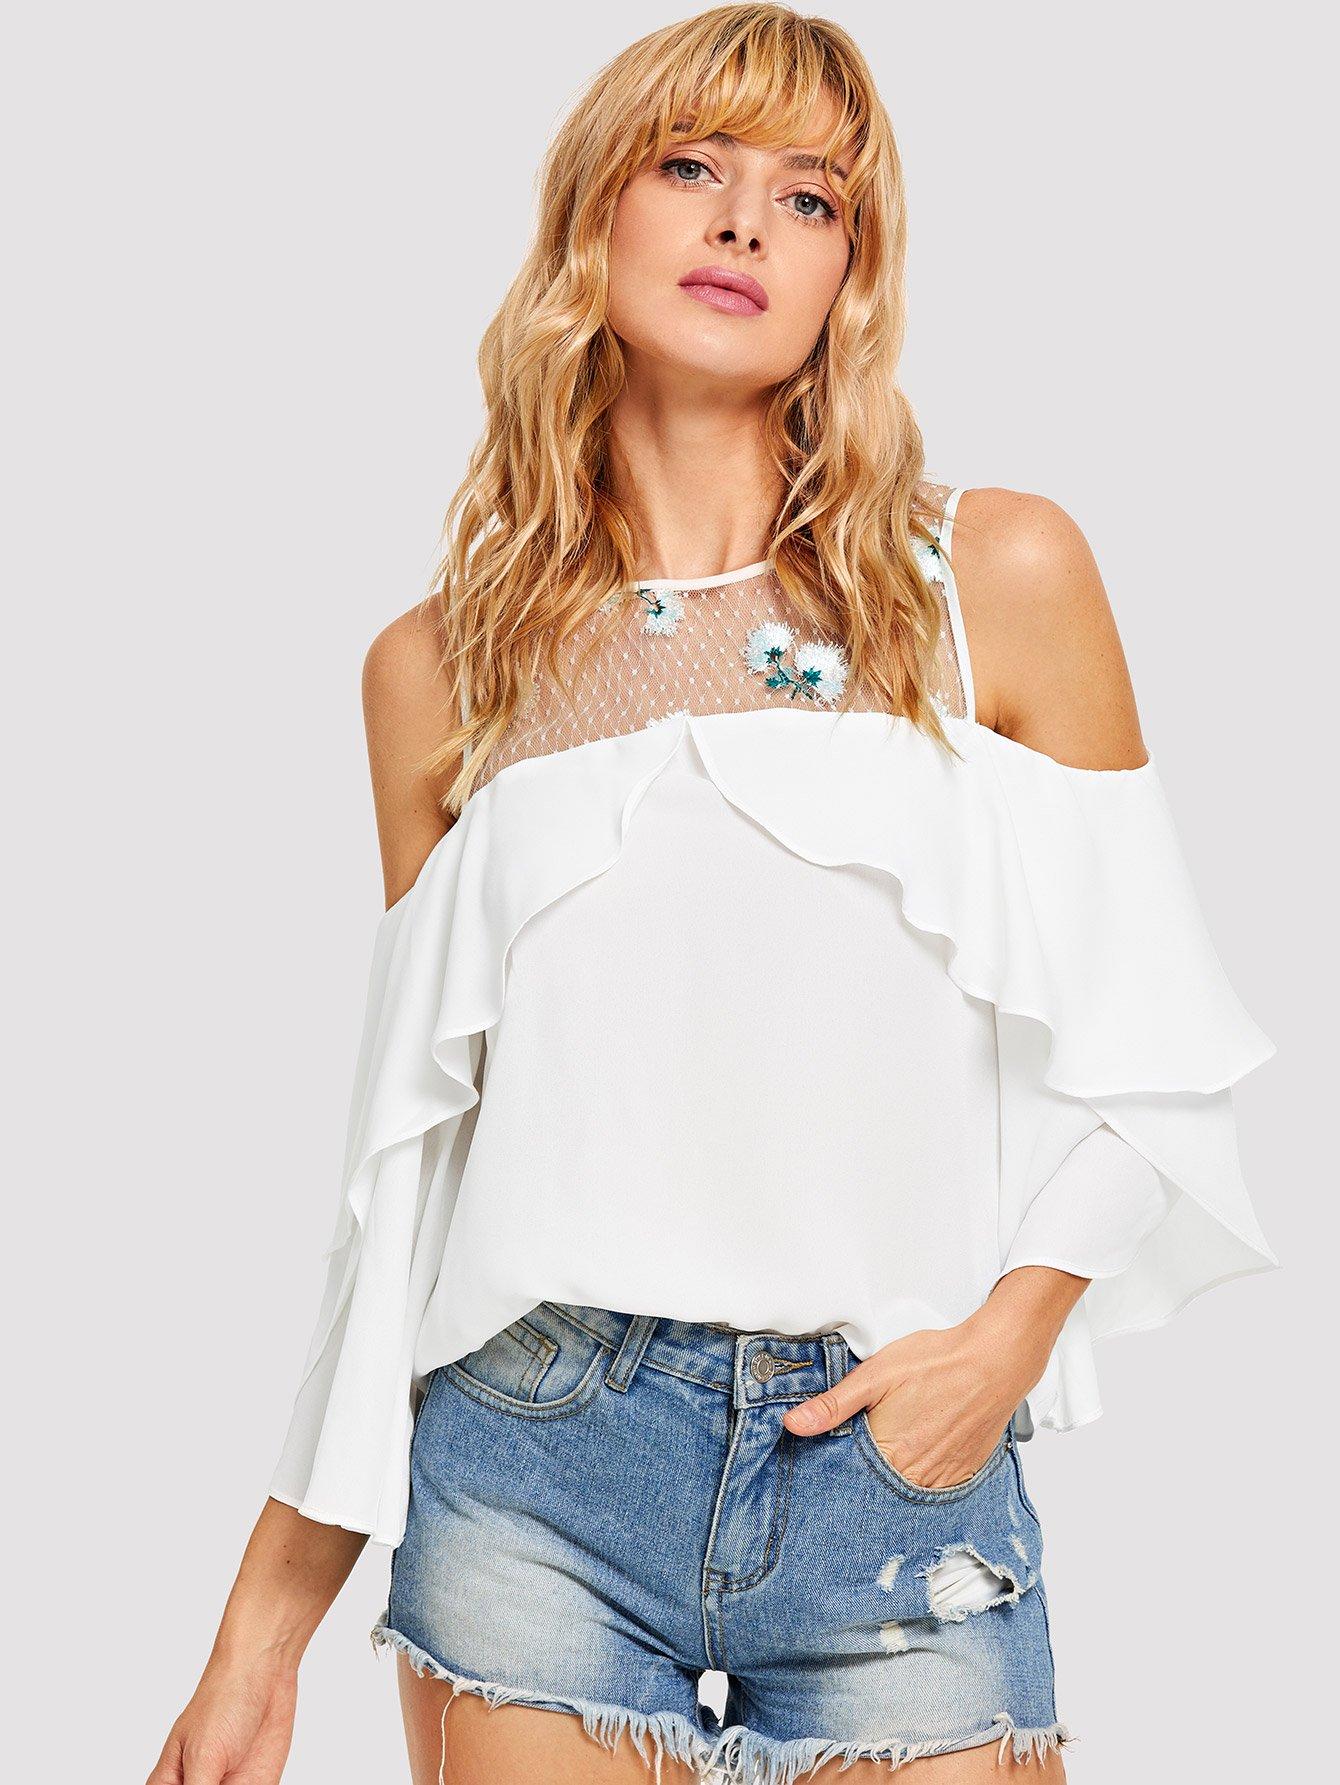 Купить Рукав оборками рубашки сетки лоскутный топ, Masha, SheIn